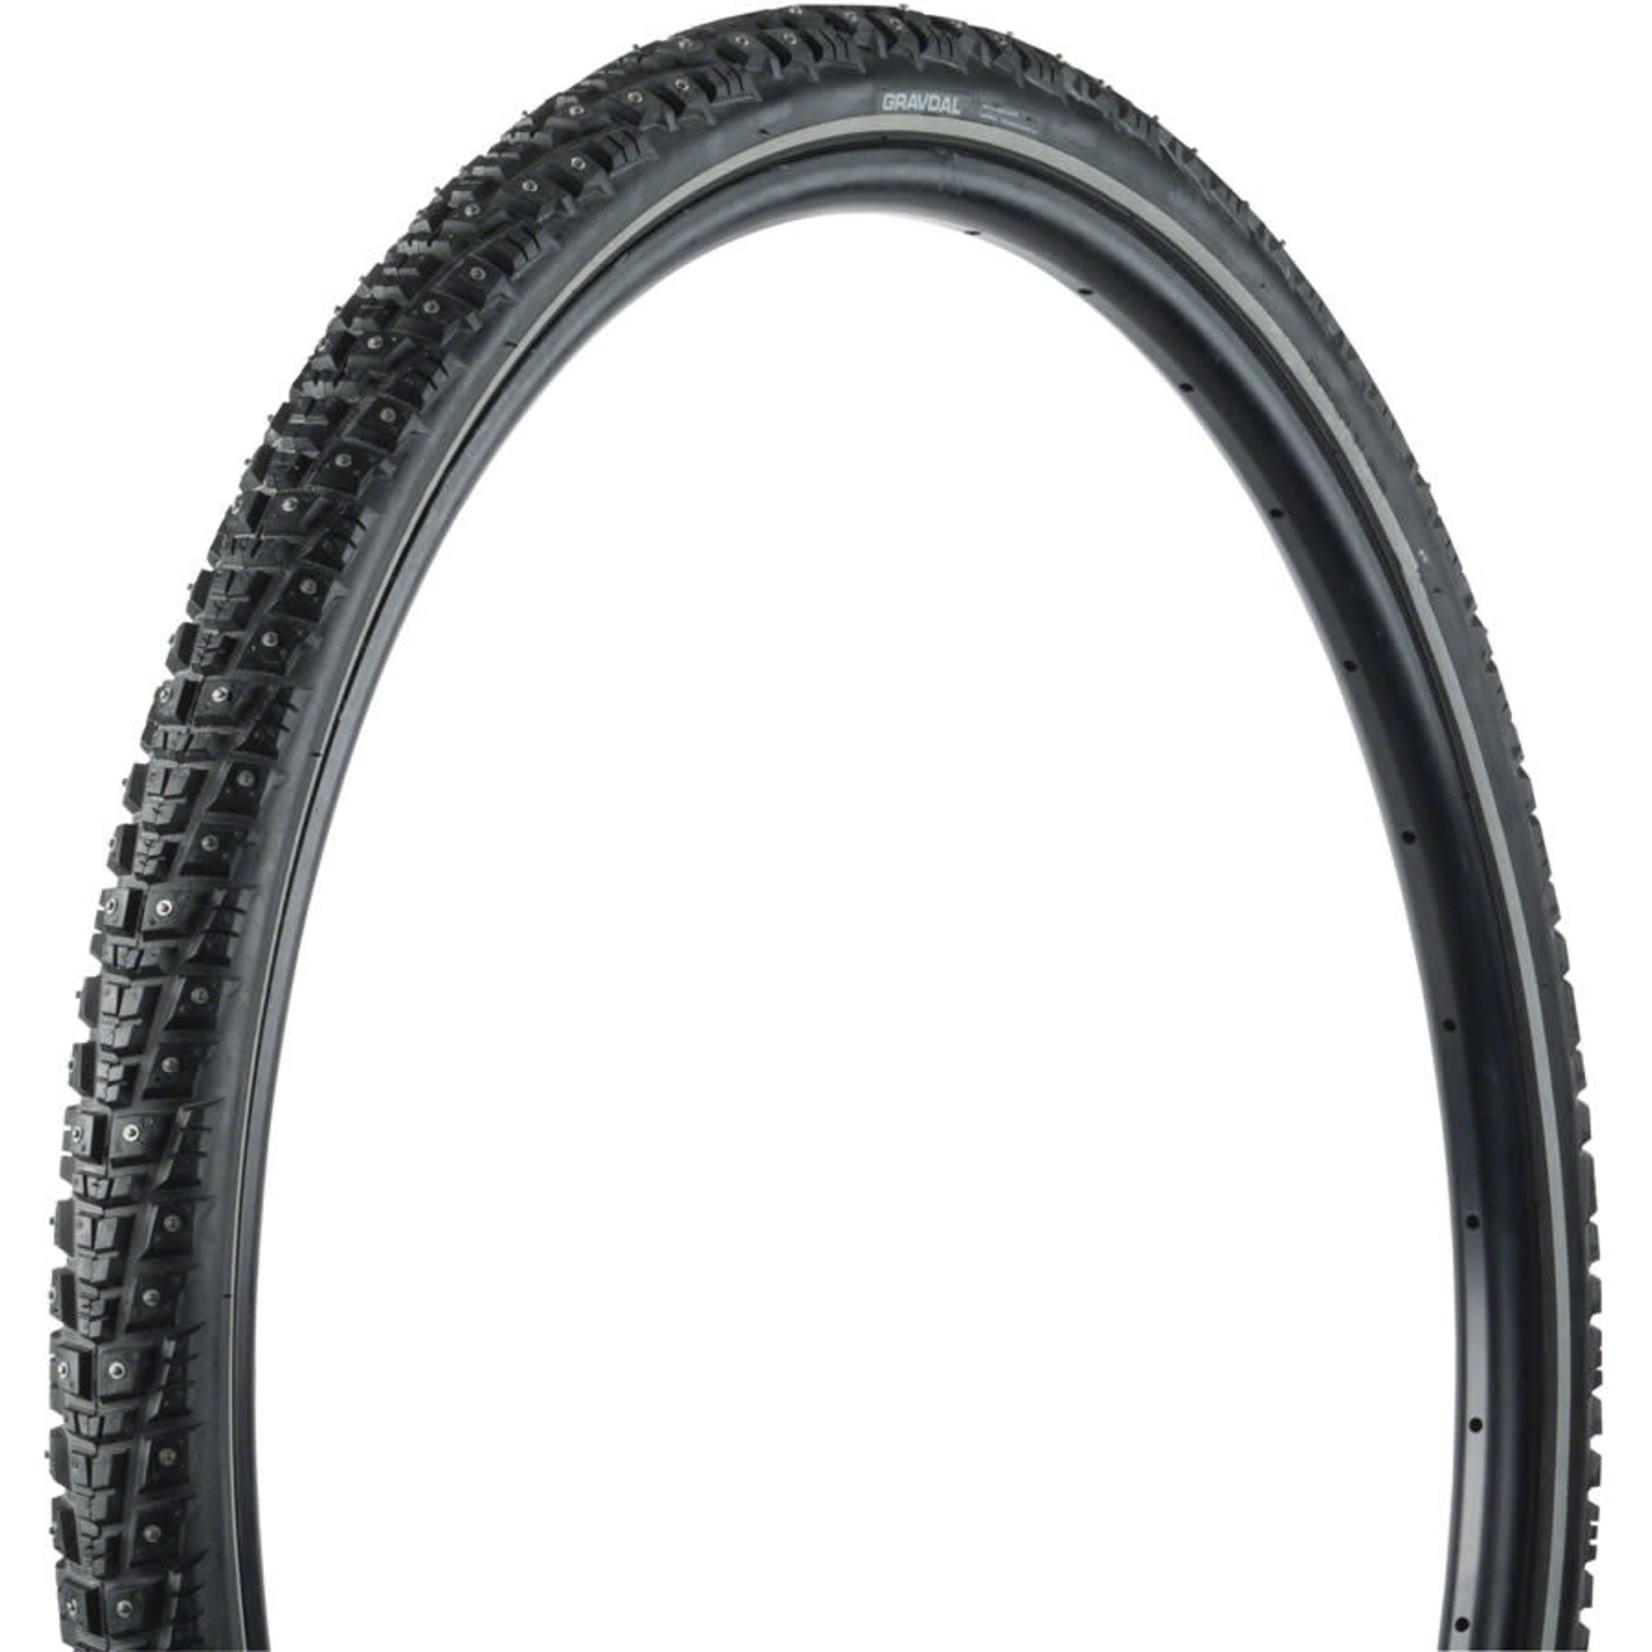 45NRTH 45NRTH Gravdal 700 x 38 Studded Tire 33tpi